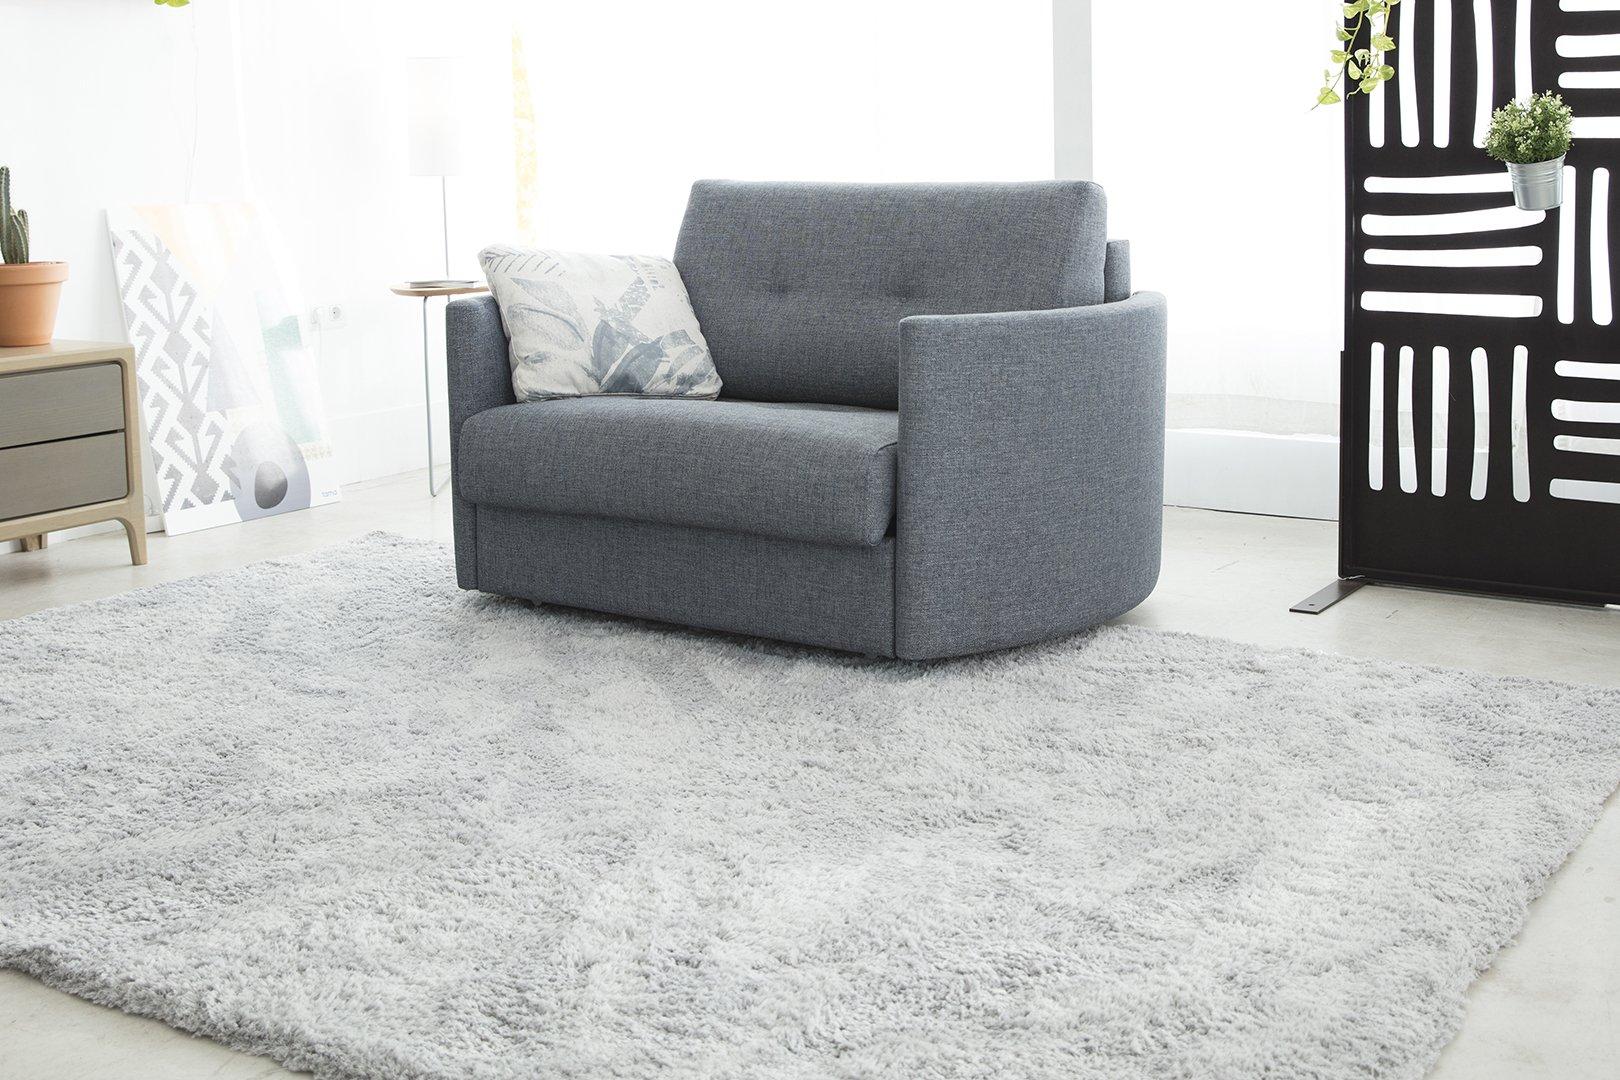 Bolero sillón cama